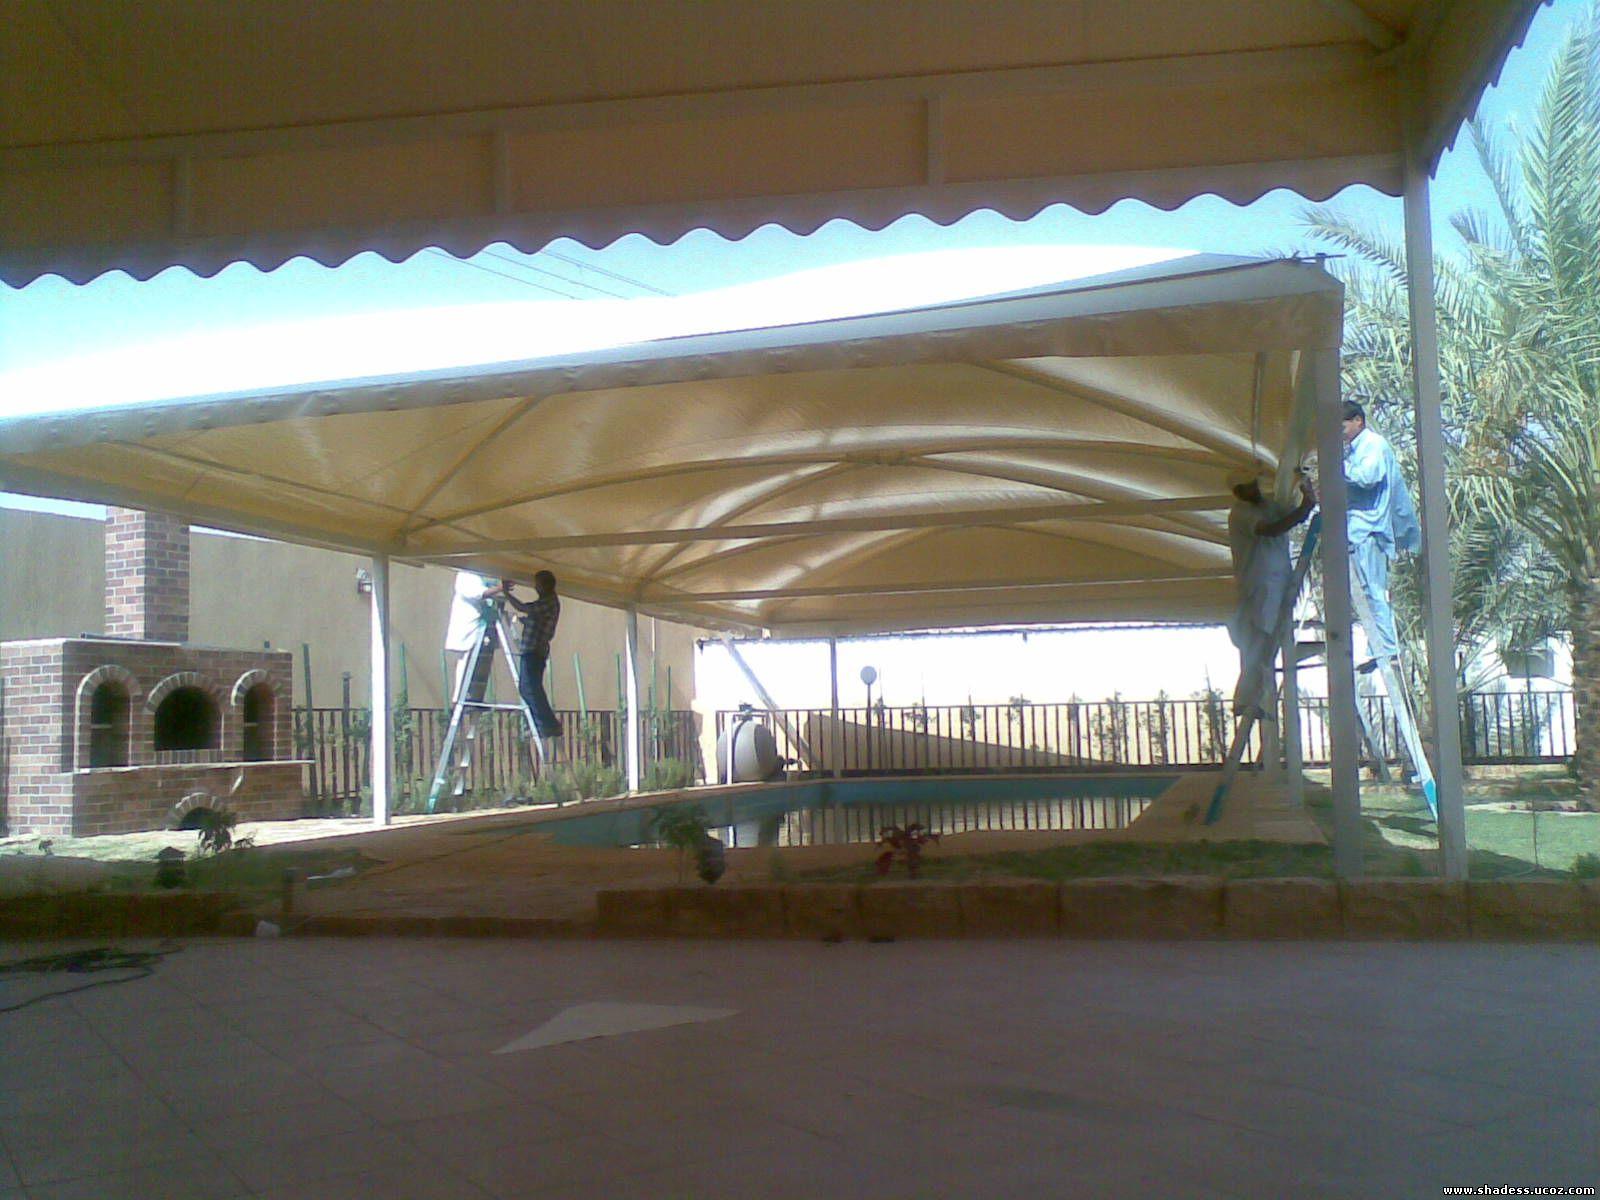 مظلات الماجد سواتر الرياض مظلات جديده سواترجديده مظلات السيارات مظلات jdv1307891061b.jpg